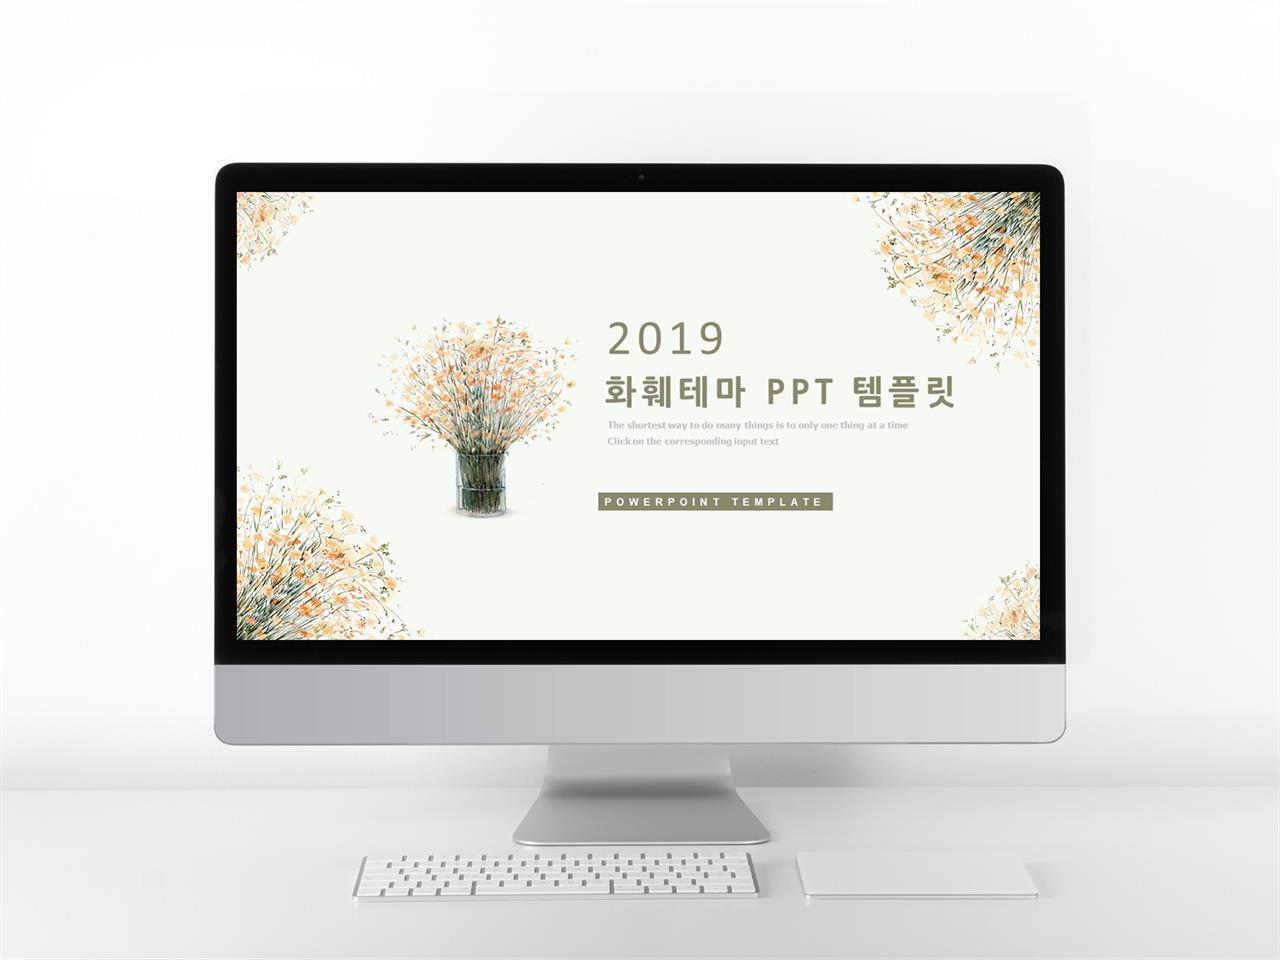 화초주제 브라운 수채화 고퀄리티 POWERPOINT템플릿 제작 미리보기